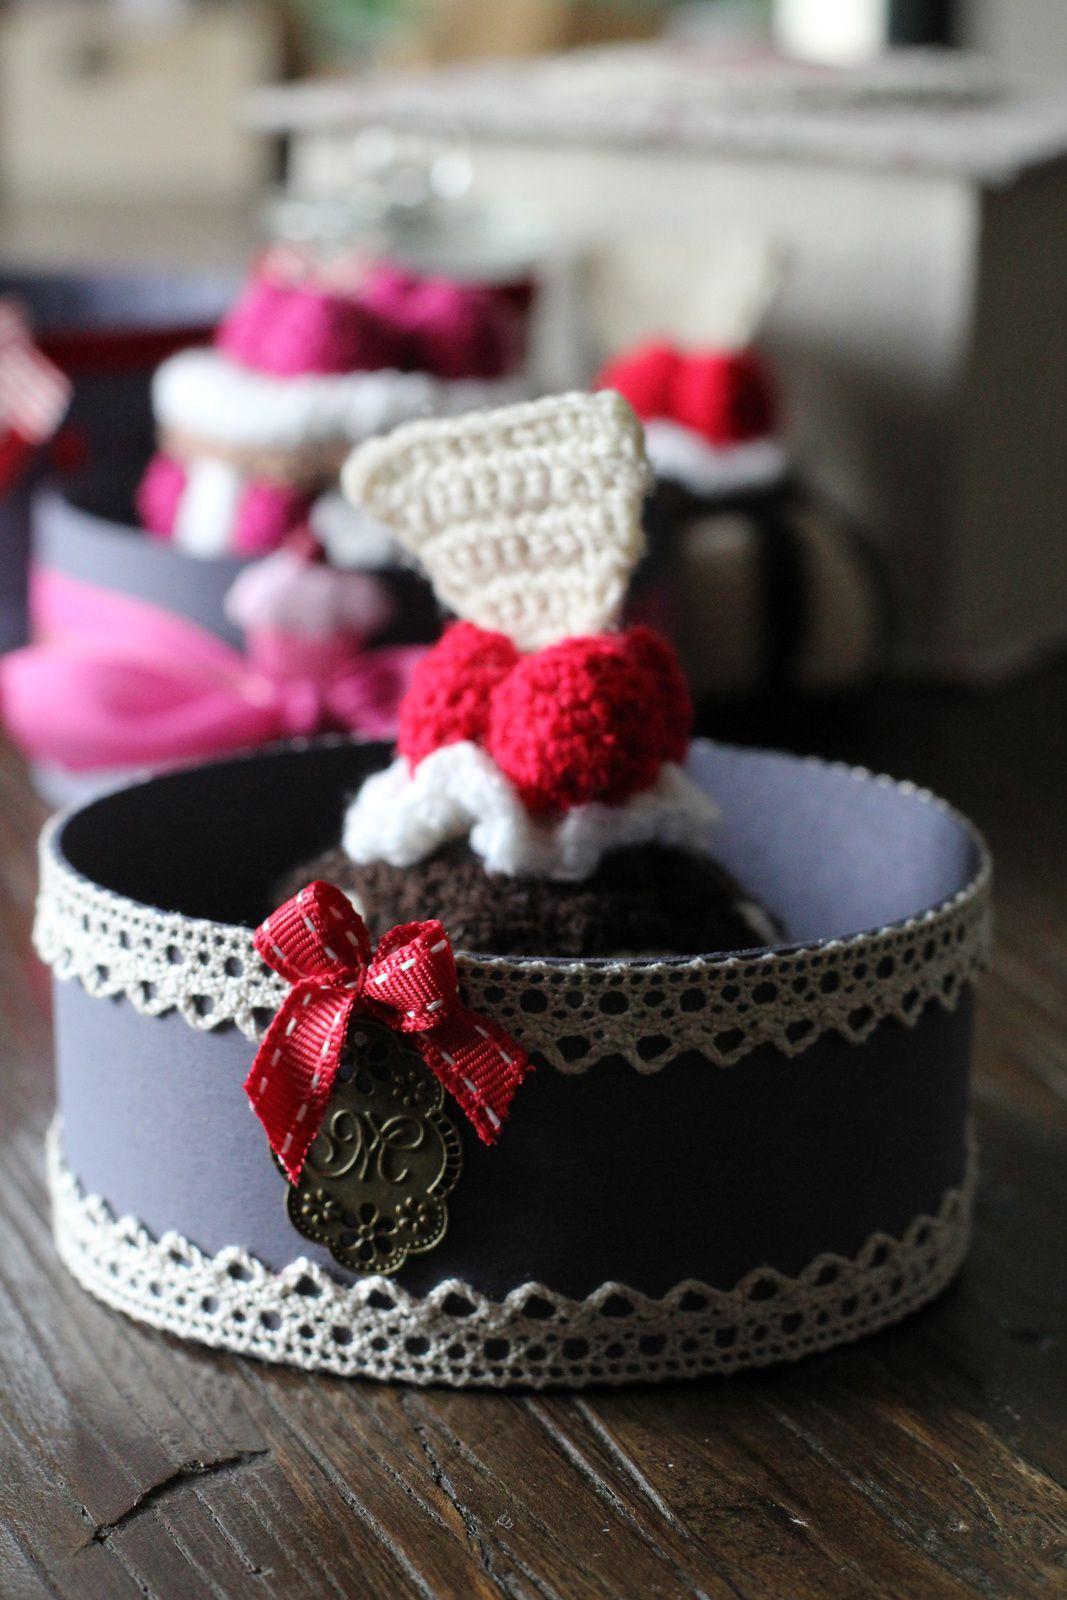 POur Muriel... Petites croix et pain d'épices.... (oui Mumu j'ai changé la couleur du noeud )